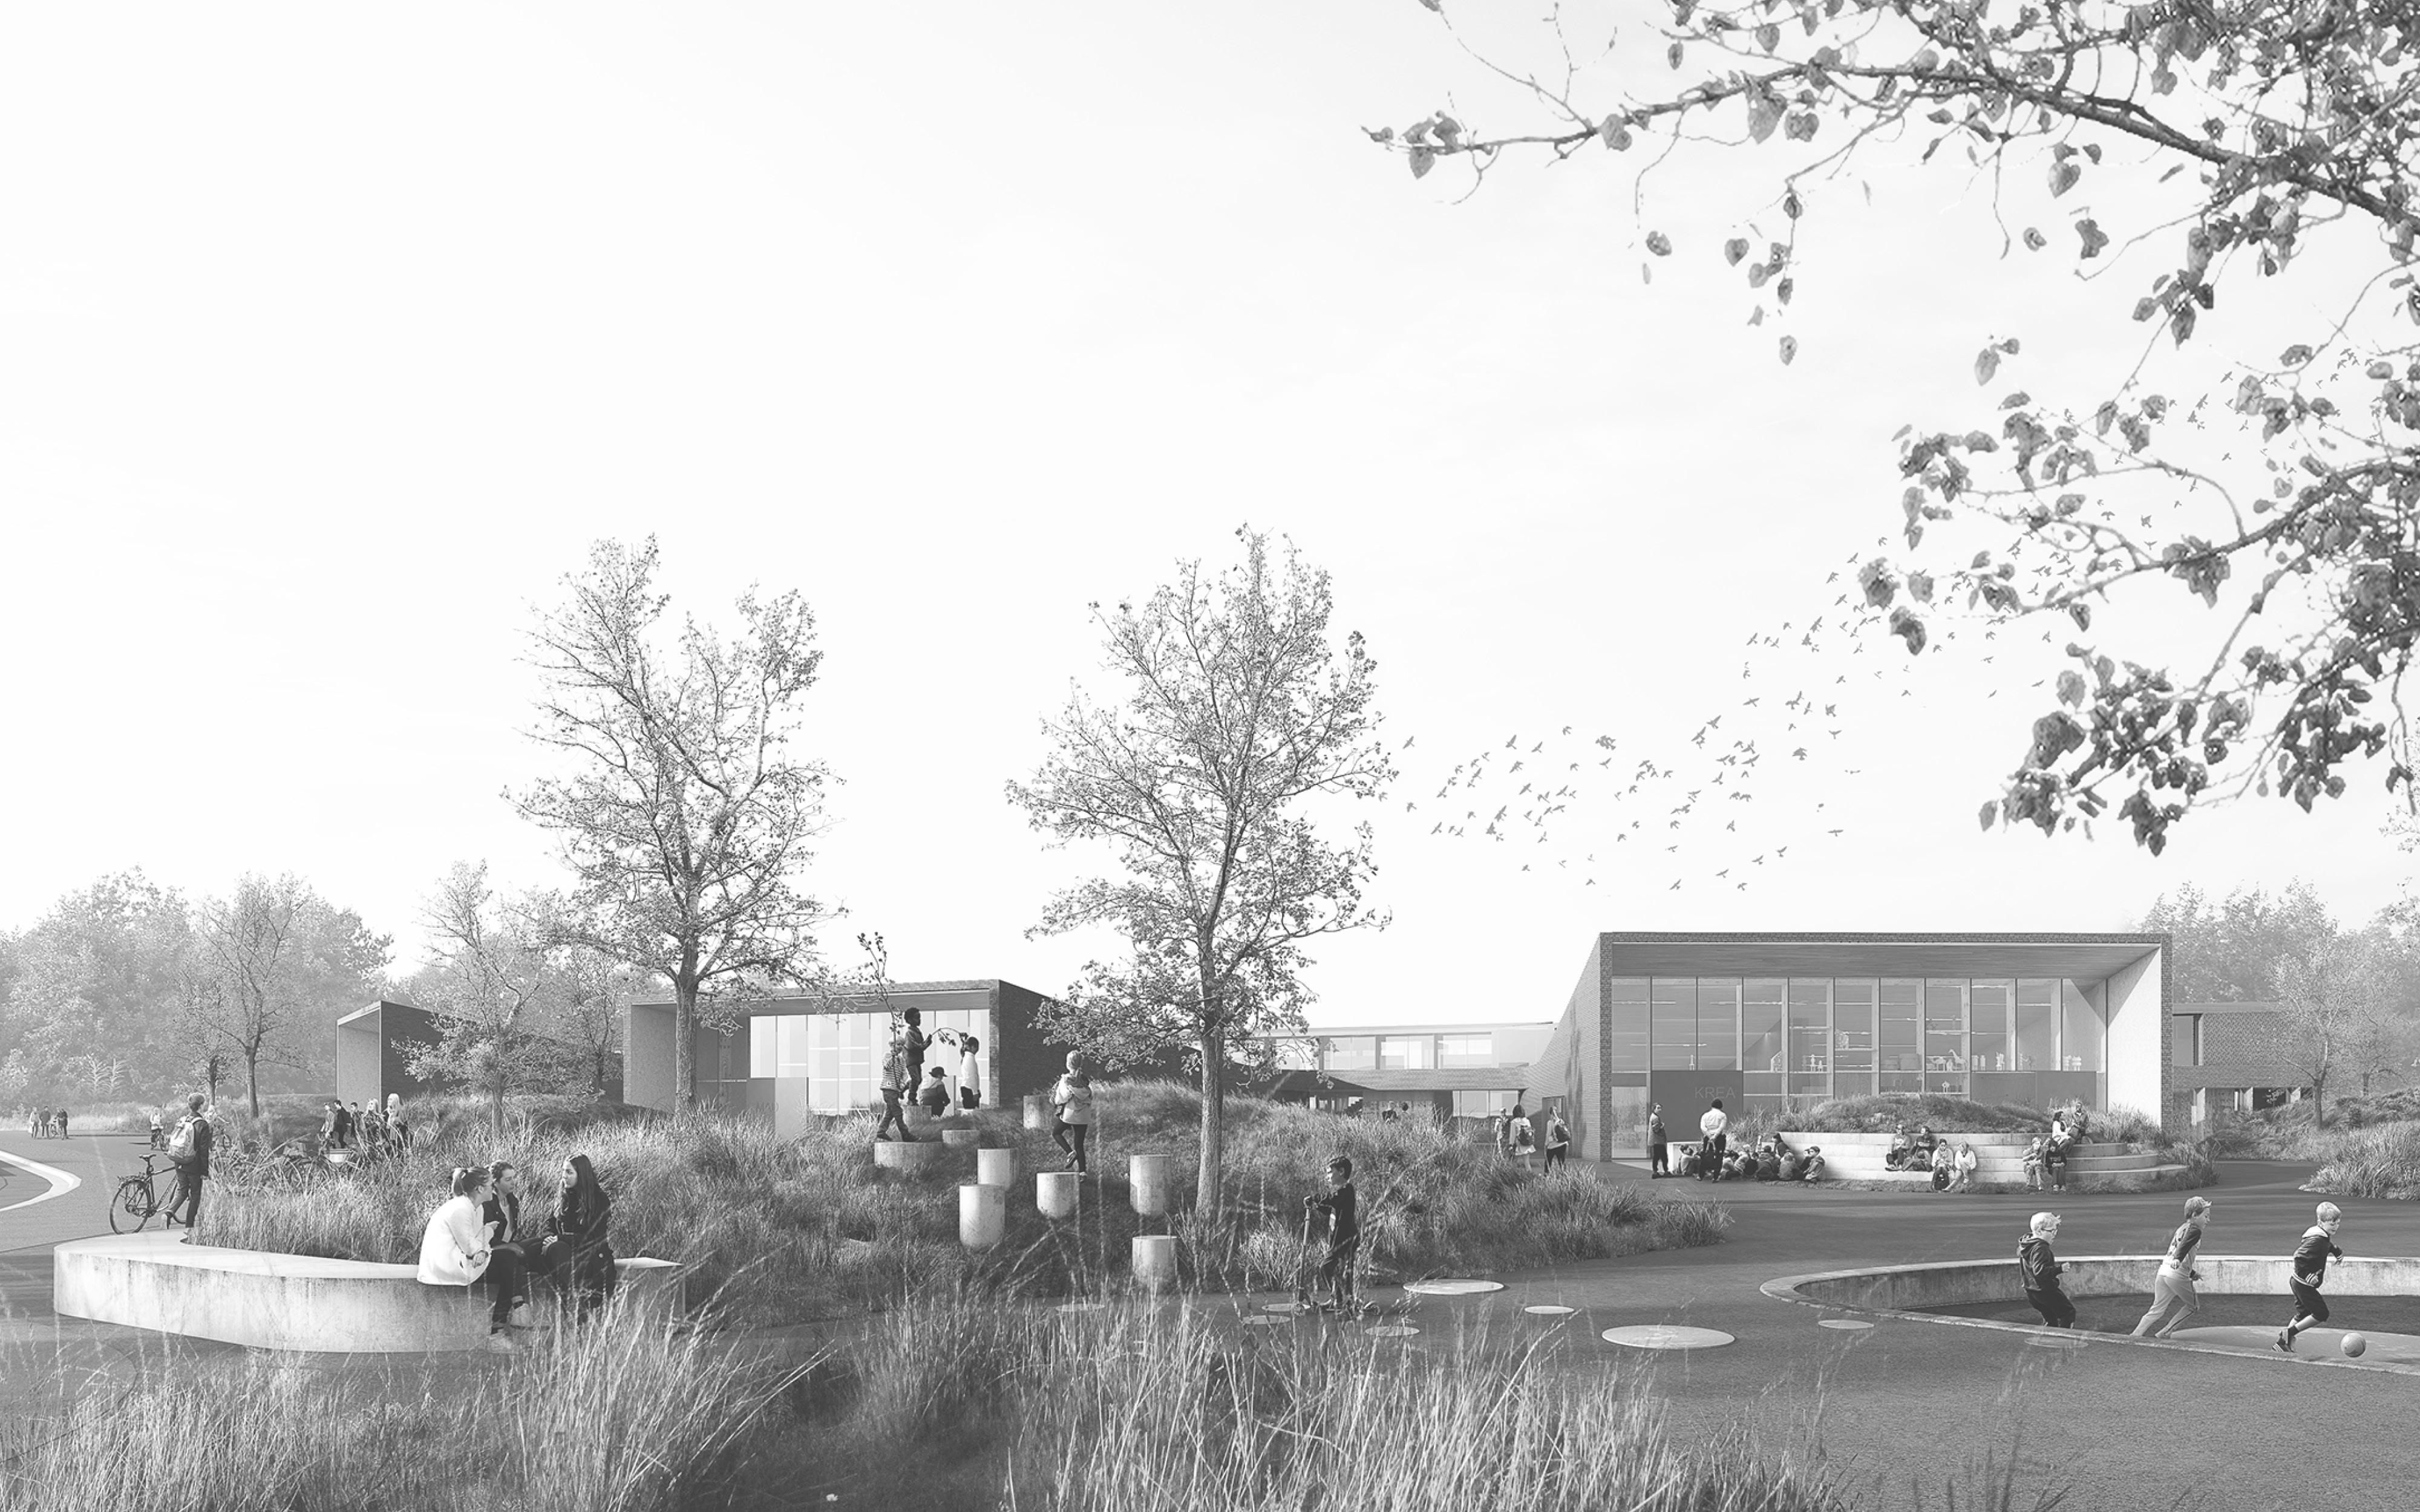 Skærbæk Skole BG